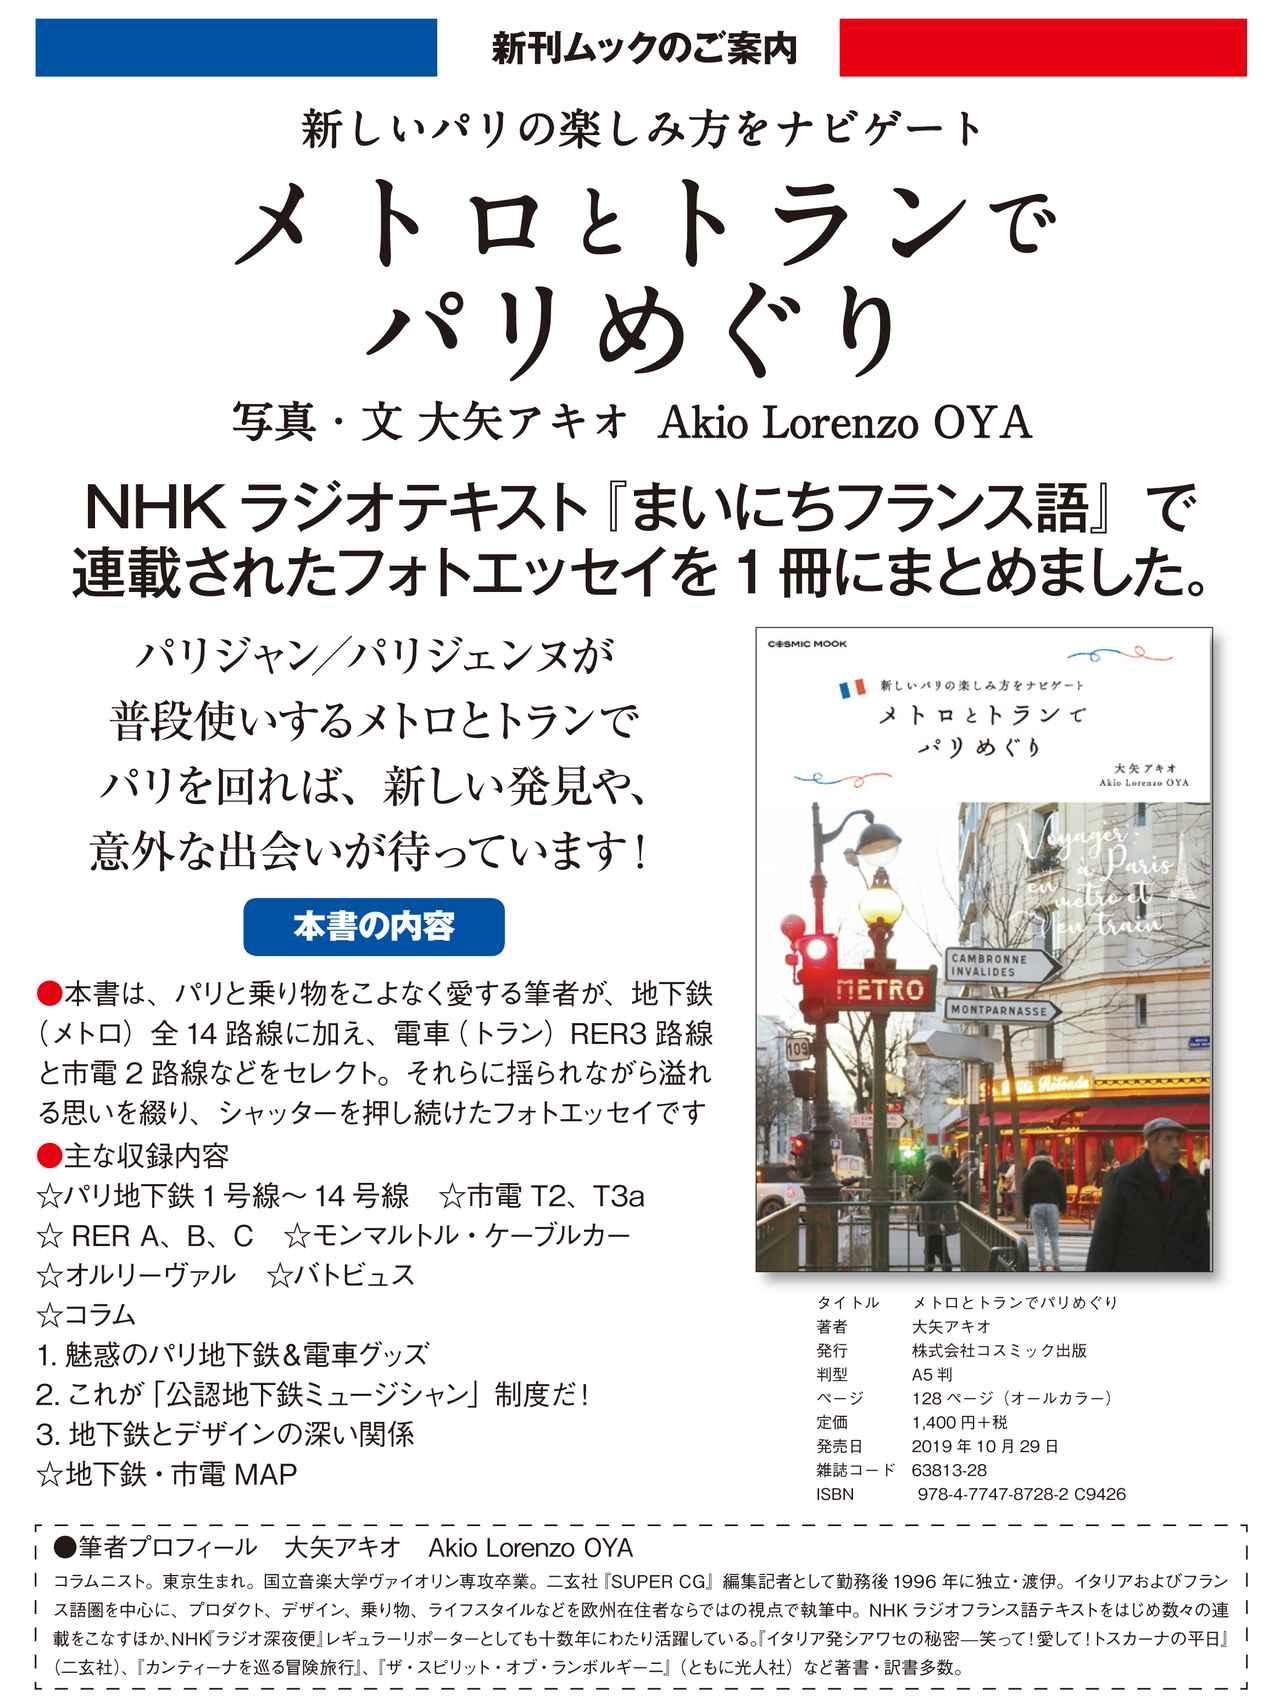 画像2: コラムニスト 大矢アキオさんの最新著書『メトロとトランでパリめぐり』